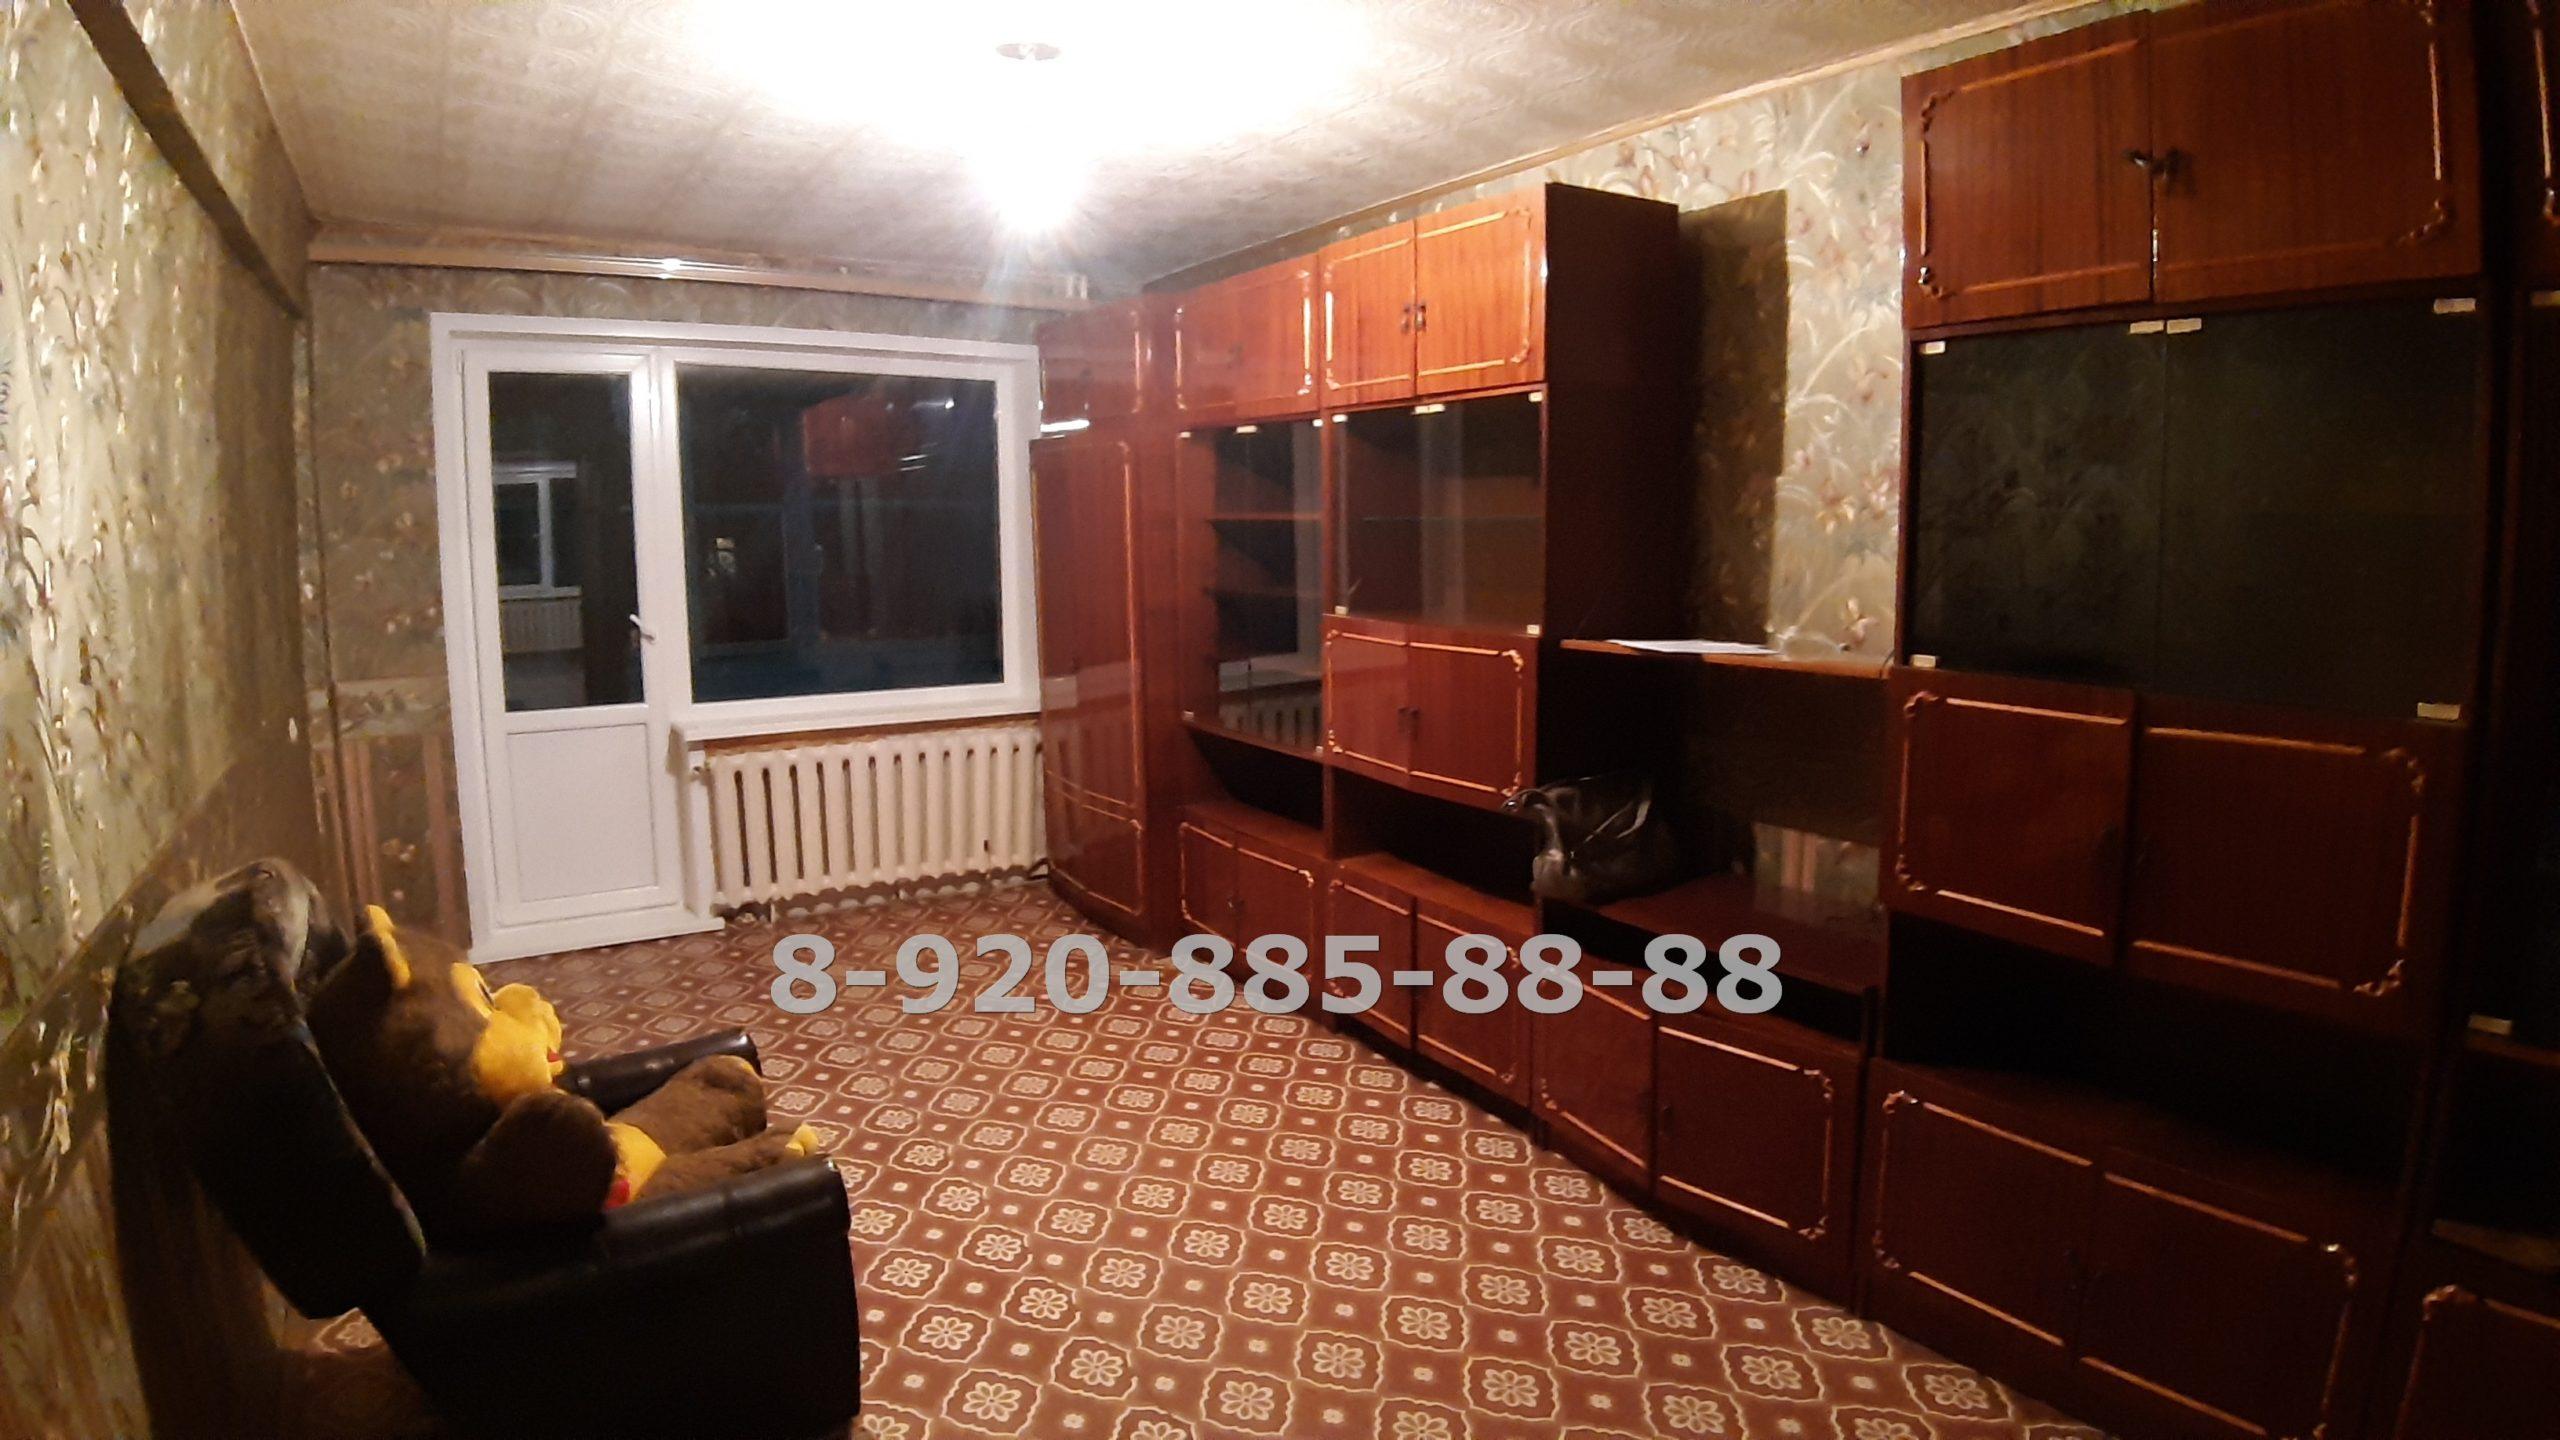 Большая комната. Зал. Продается трехкомнатная квартира площадью 70 кв.м. поселок Пятовский Дзержинский р-н Калужская обл., Покупка 3 комнатной квартиры в Пятовский Комарова 1.200.000. 8-920-885-8888